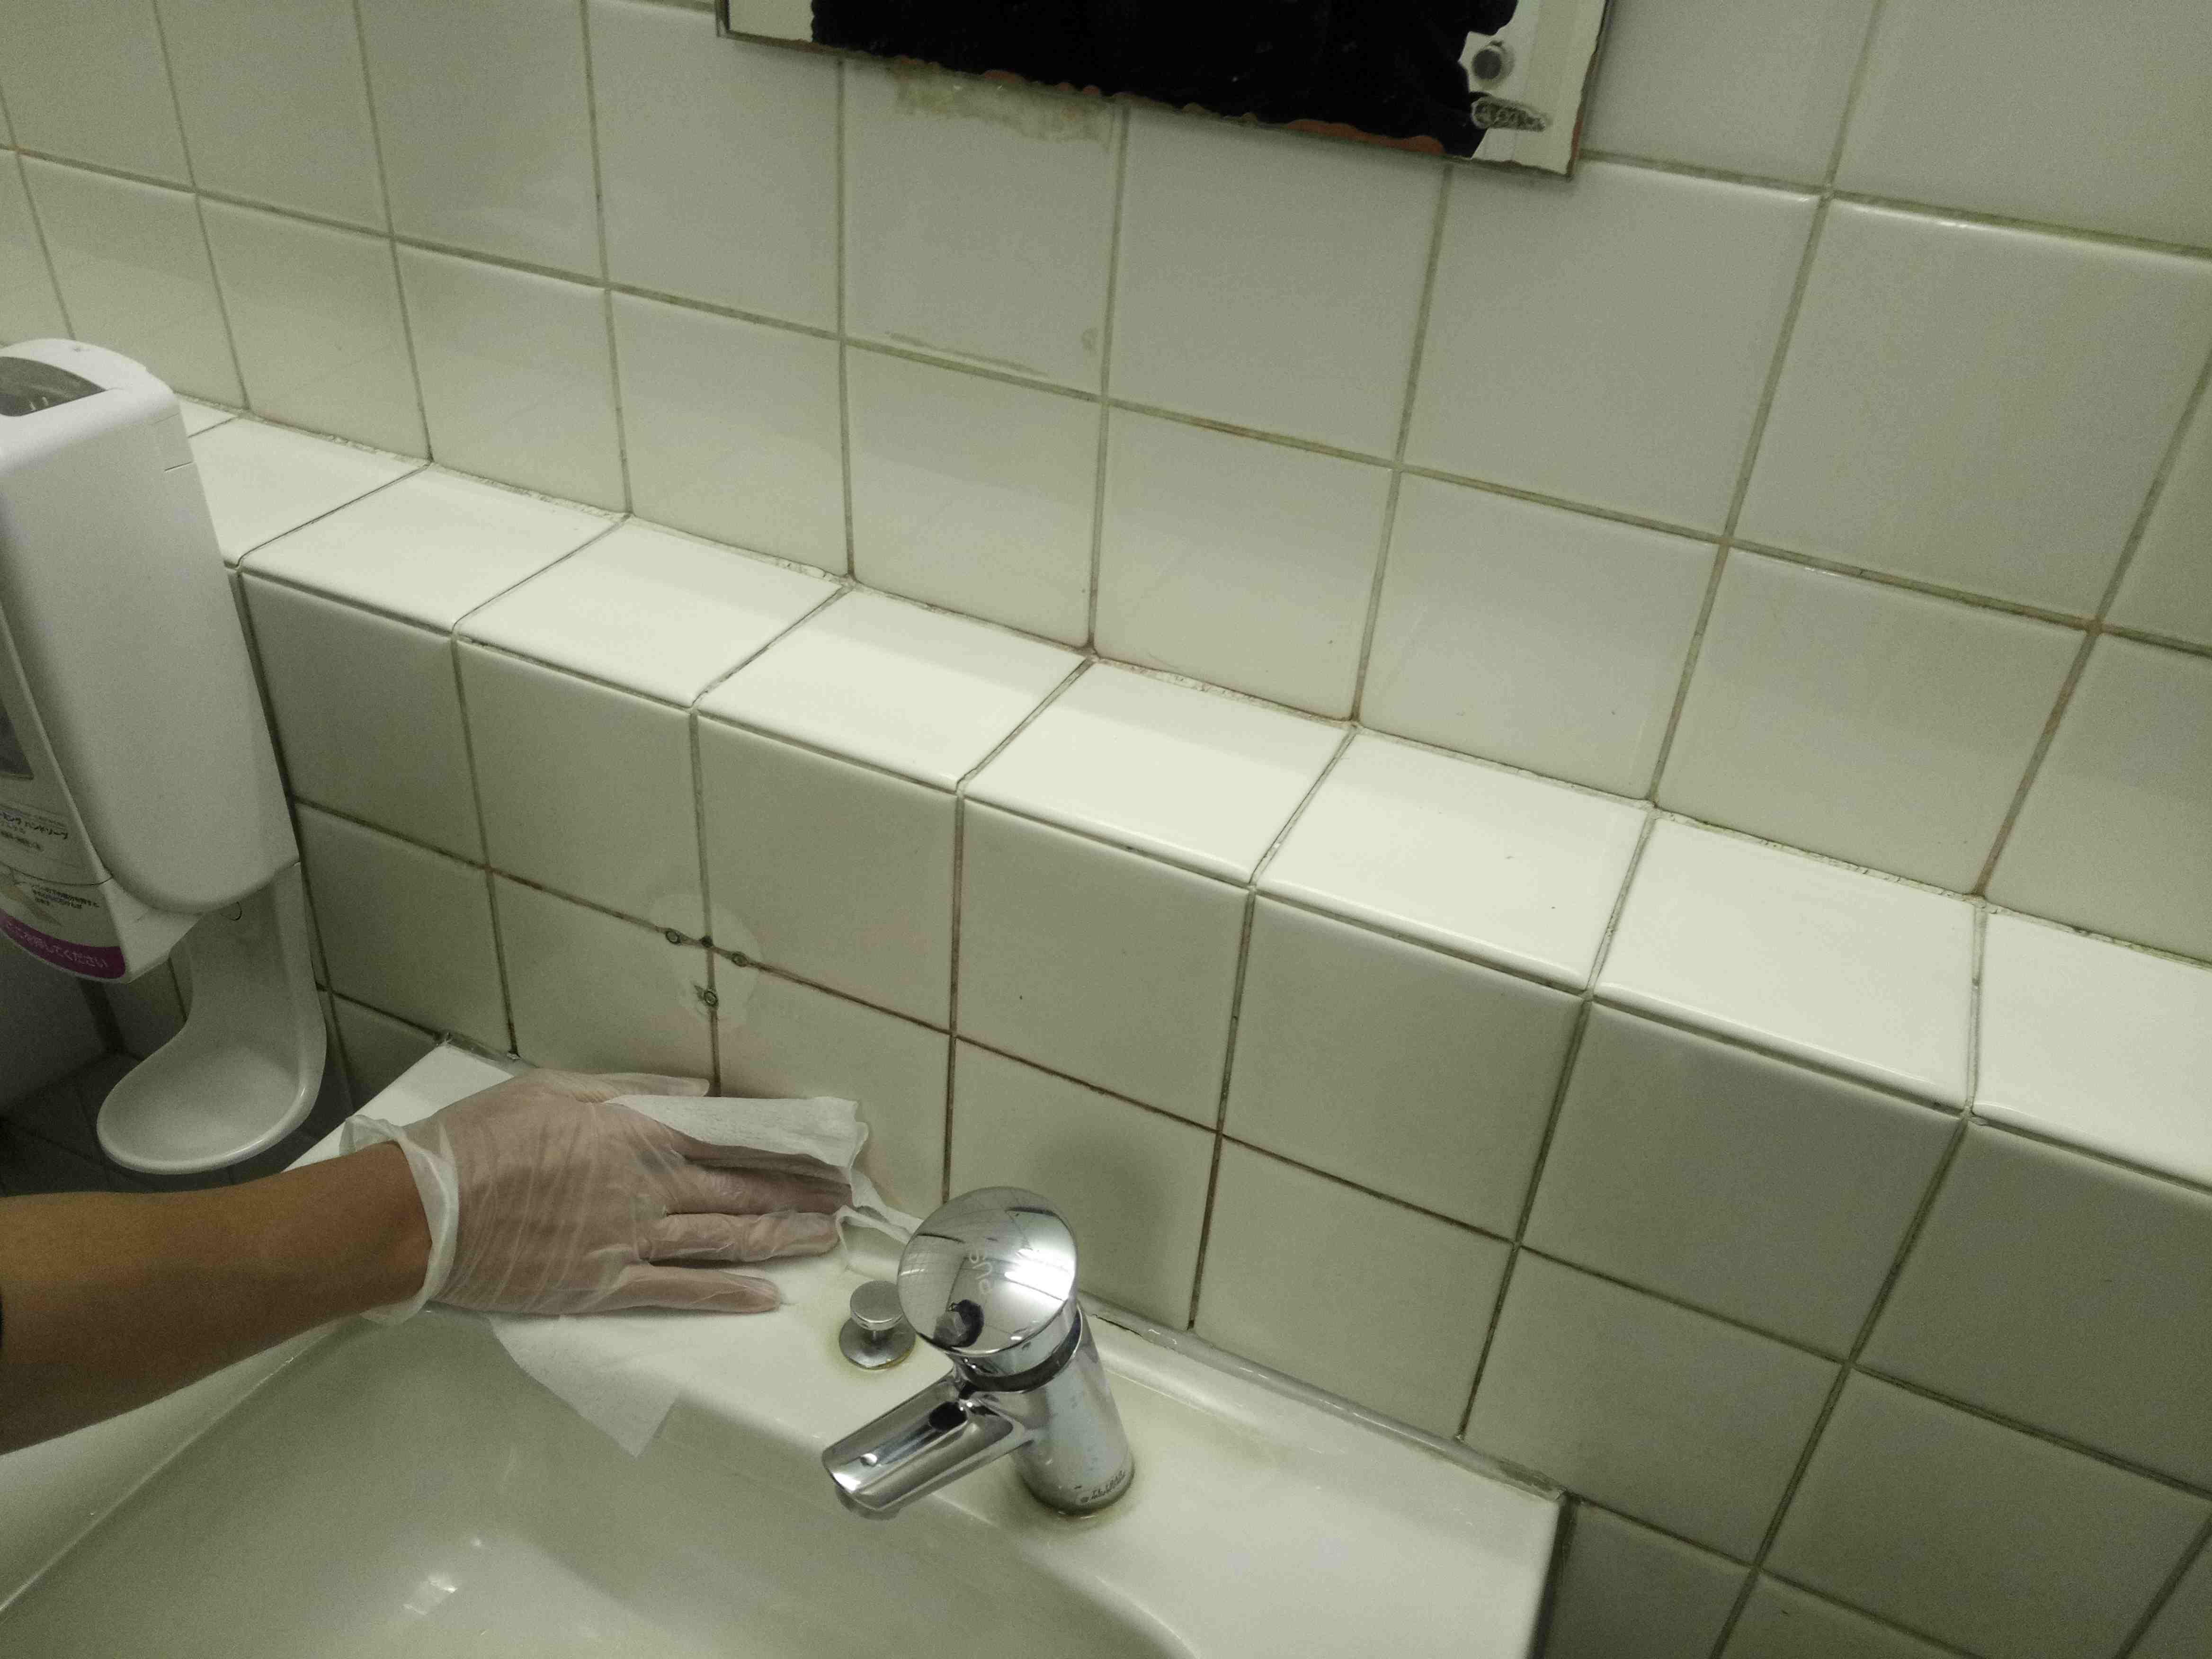 汚物室の環境整備/污物处置室的打扫